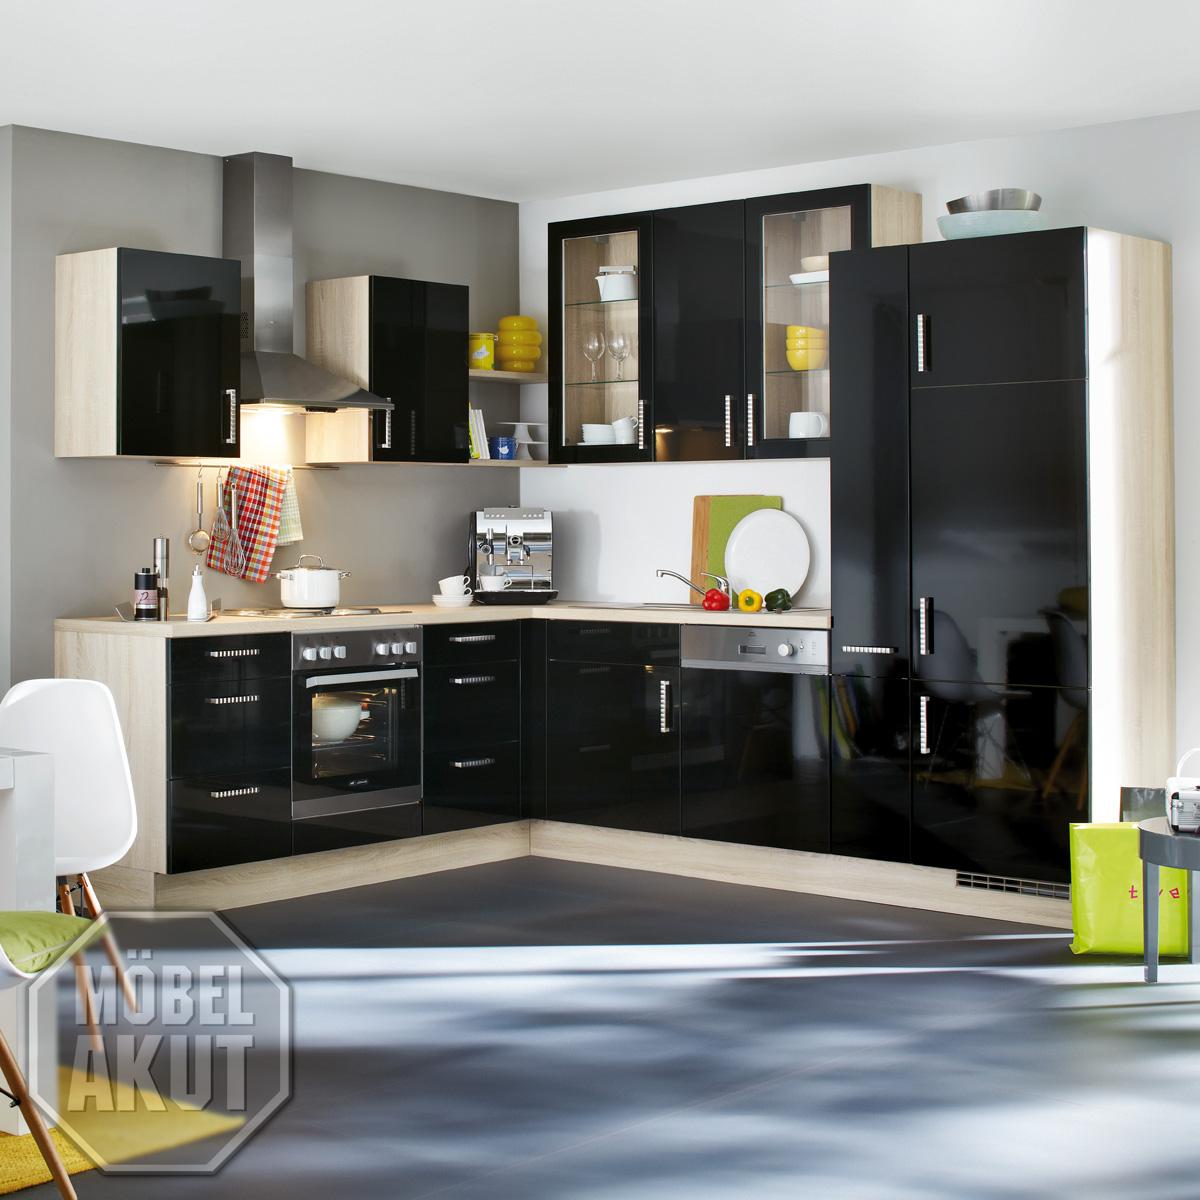 einbaukuche nobilia l kuche kuche inkl e gerate. Black Bedroom Furniture Sets. Home Design Ideas